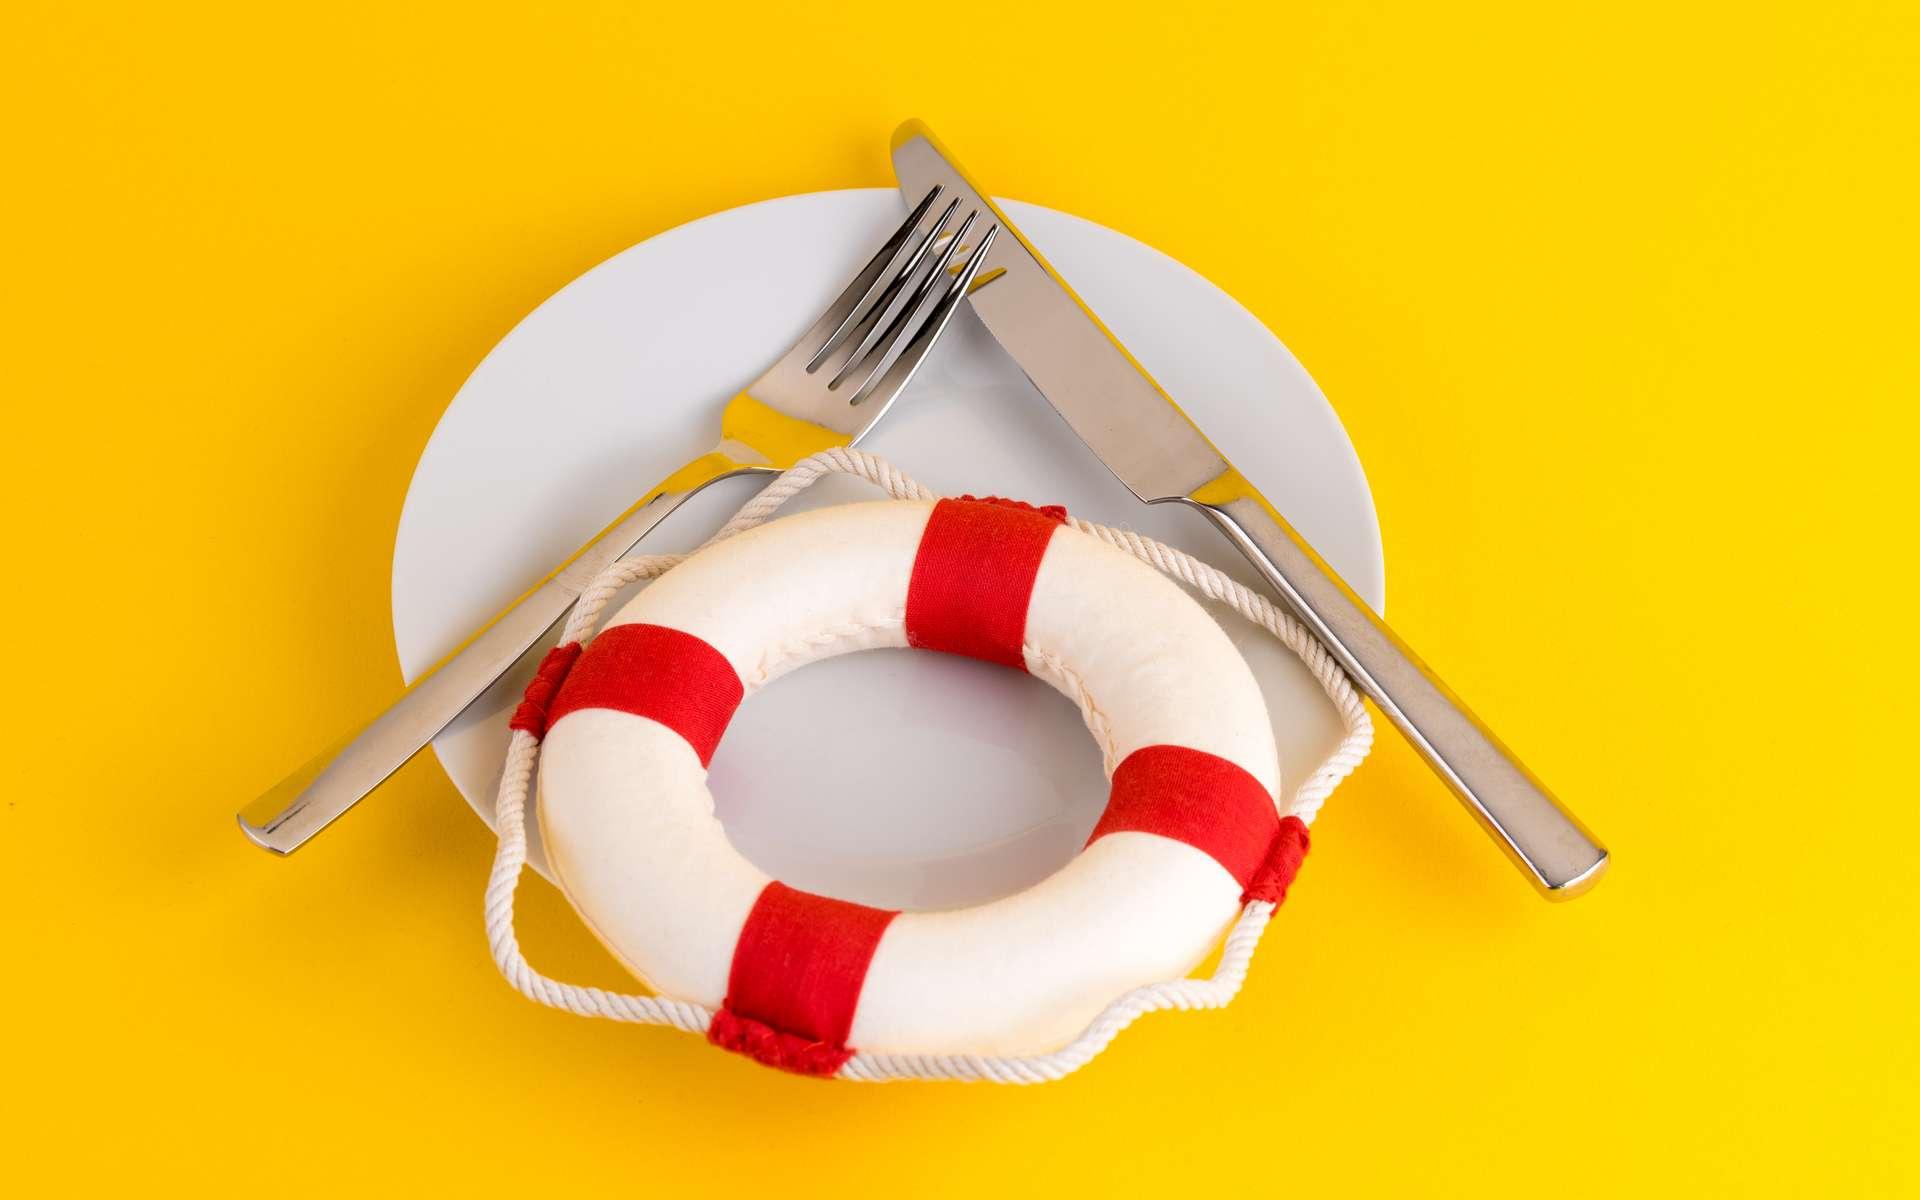 Le 2 juin 2021 est la première journée mondiale des troubles des conduites alimentaires. © HNFOTO, Adobe Stock